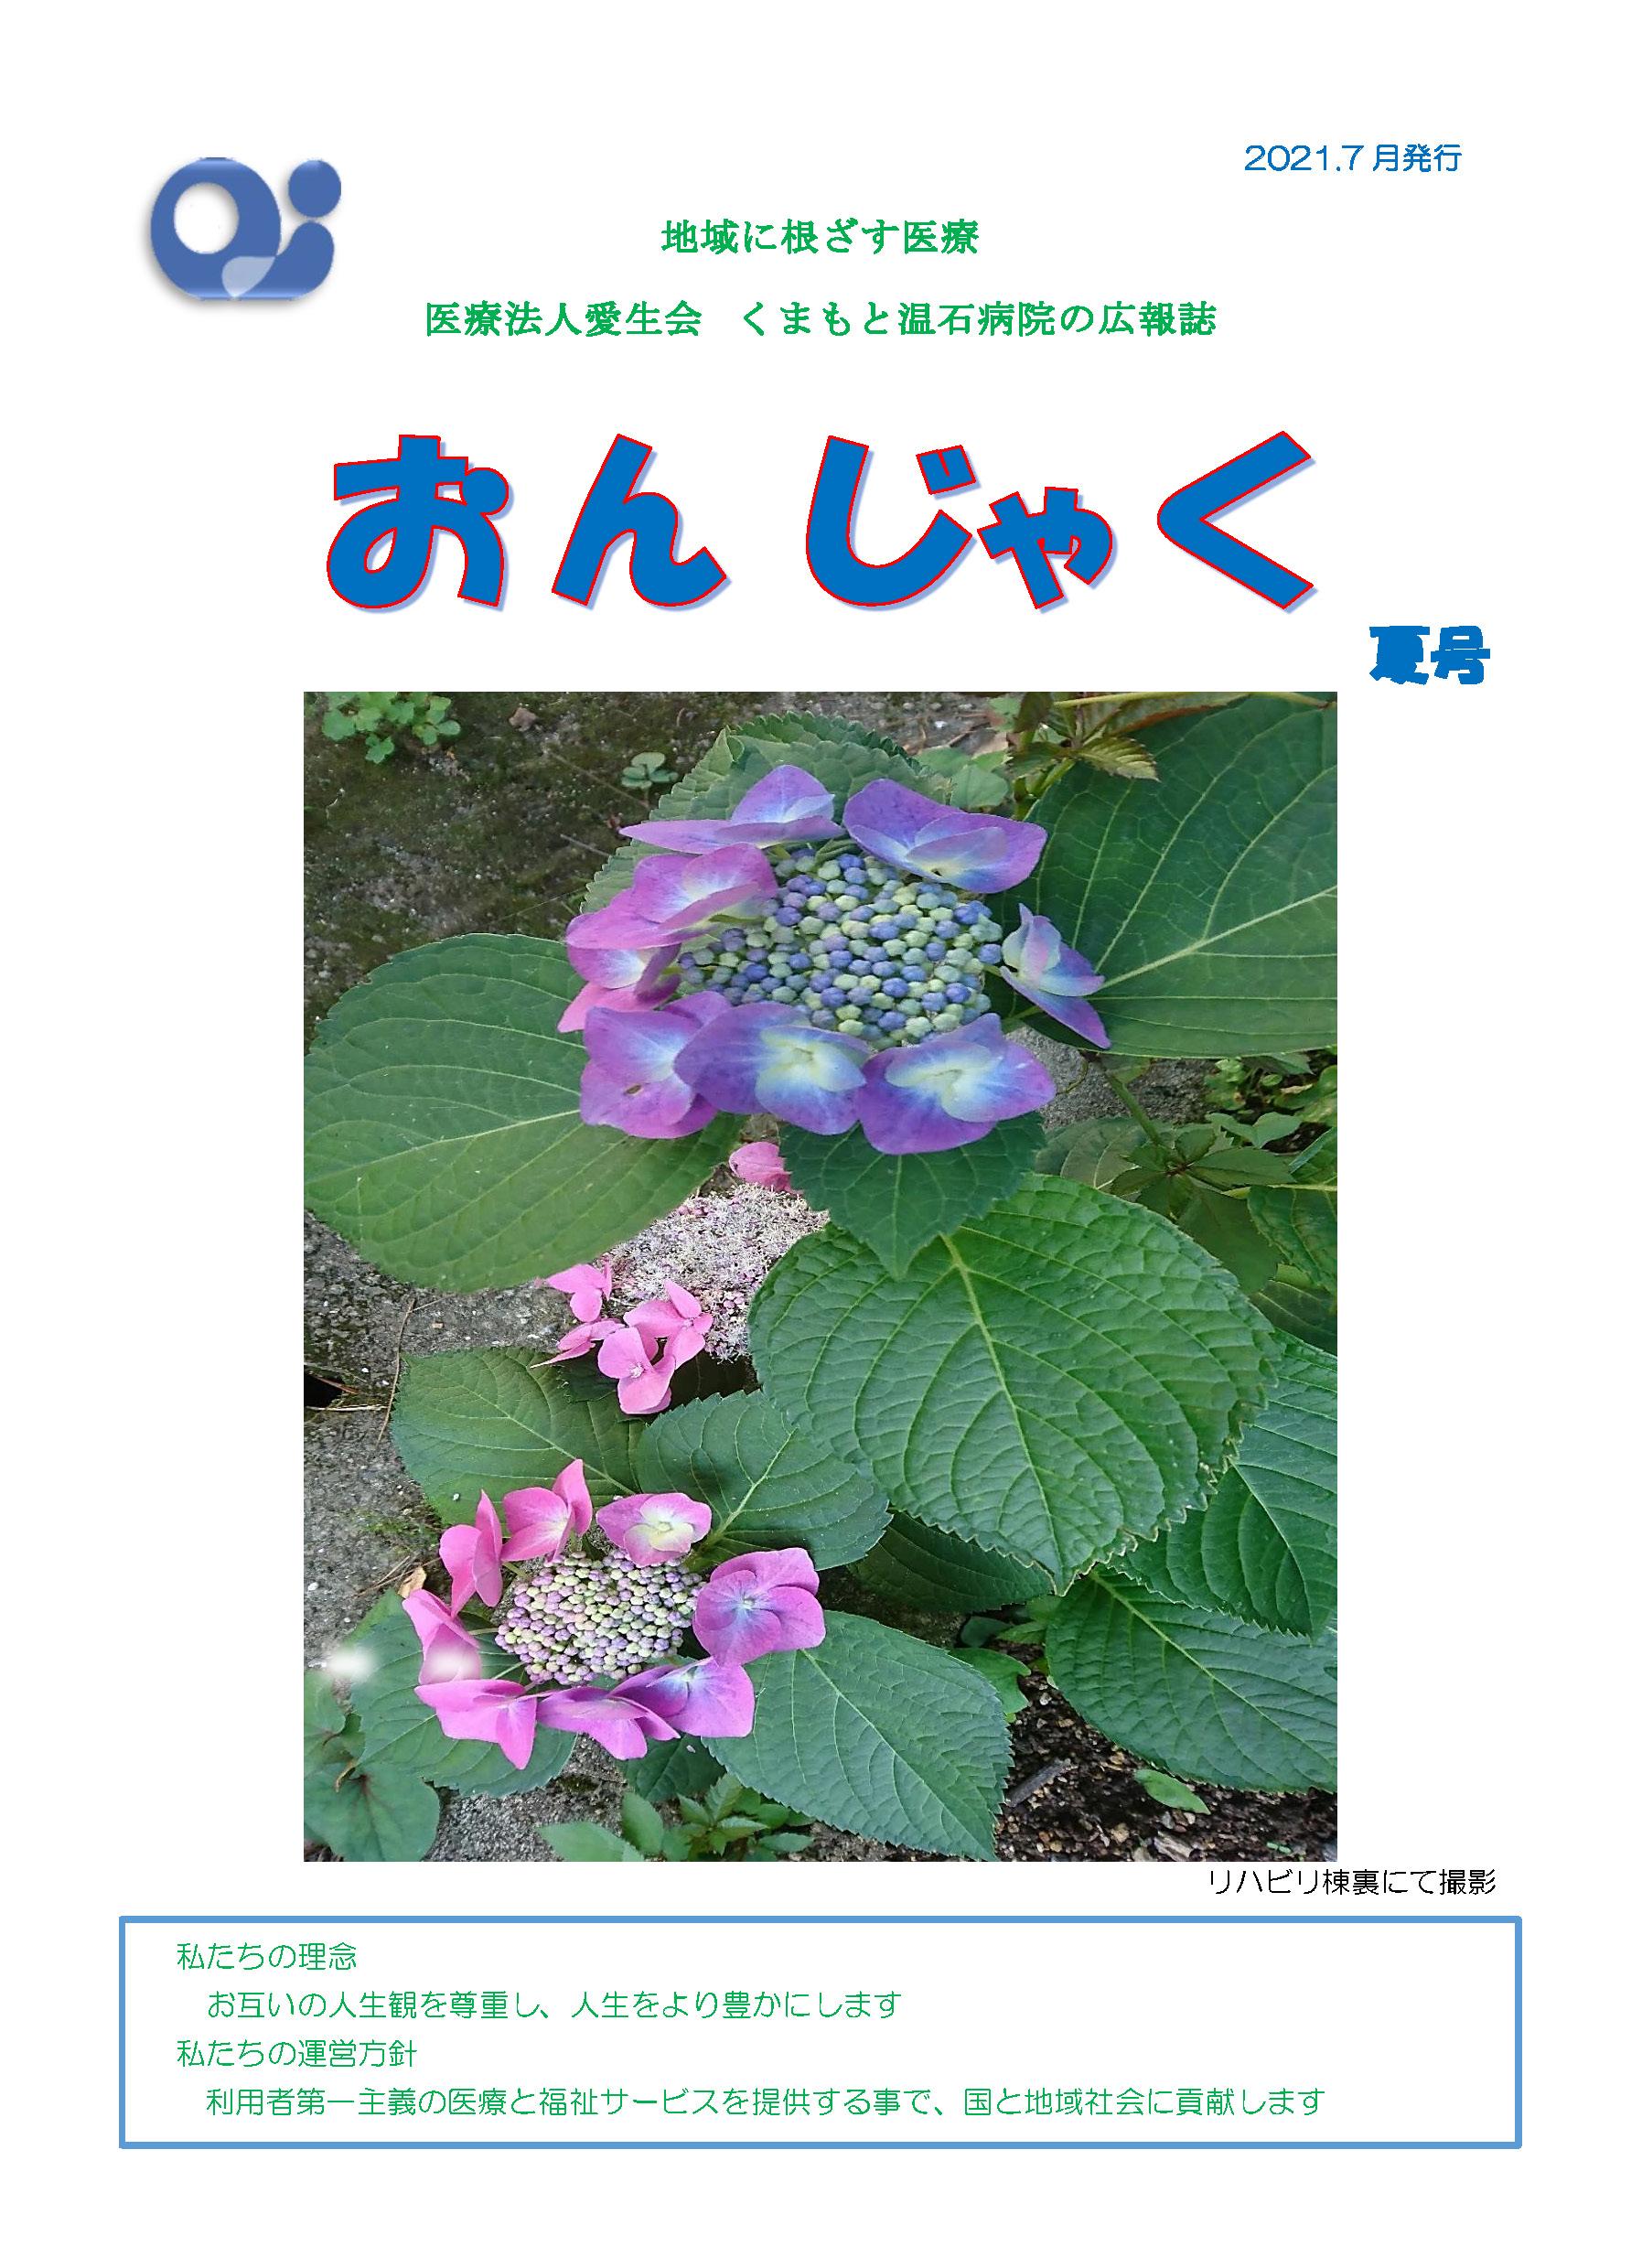 広報紙「おんじゃく」夏号.jpg